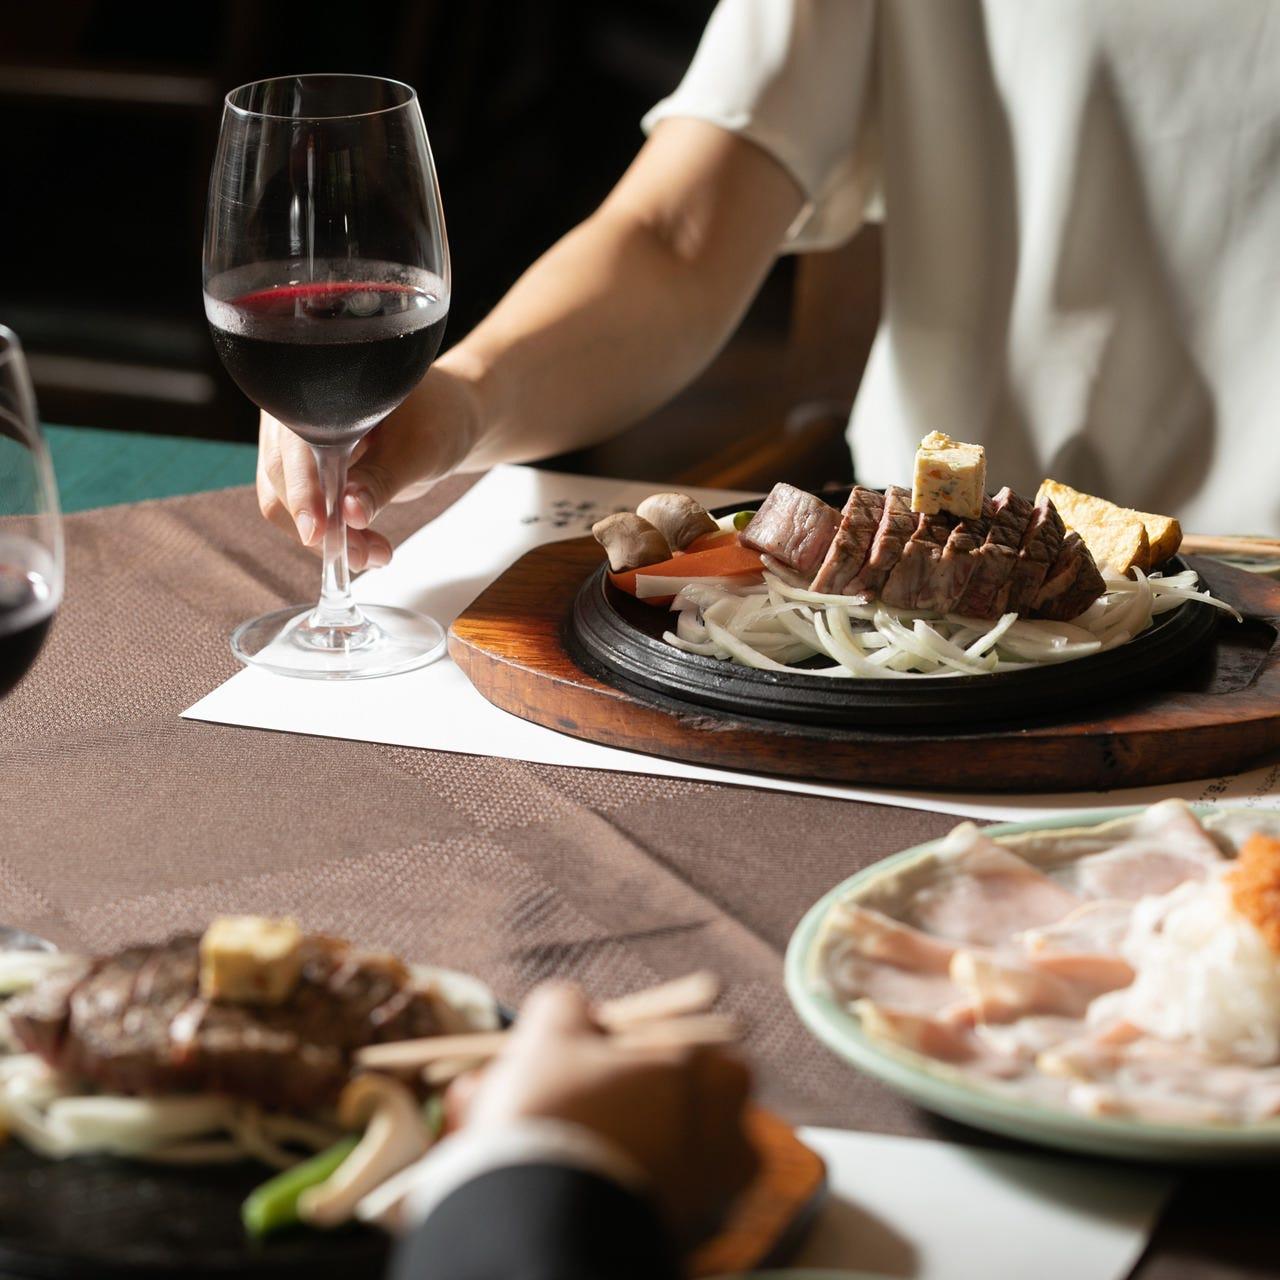 ご夫婦やご家族、お仲間とのディナーに少しだけ贅沢な時間を